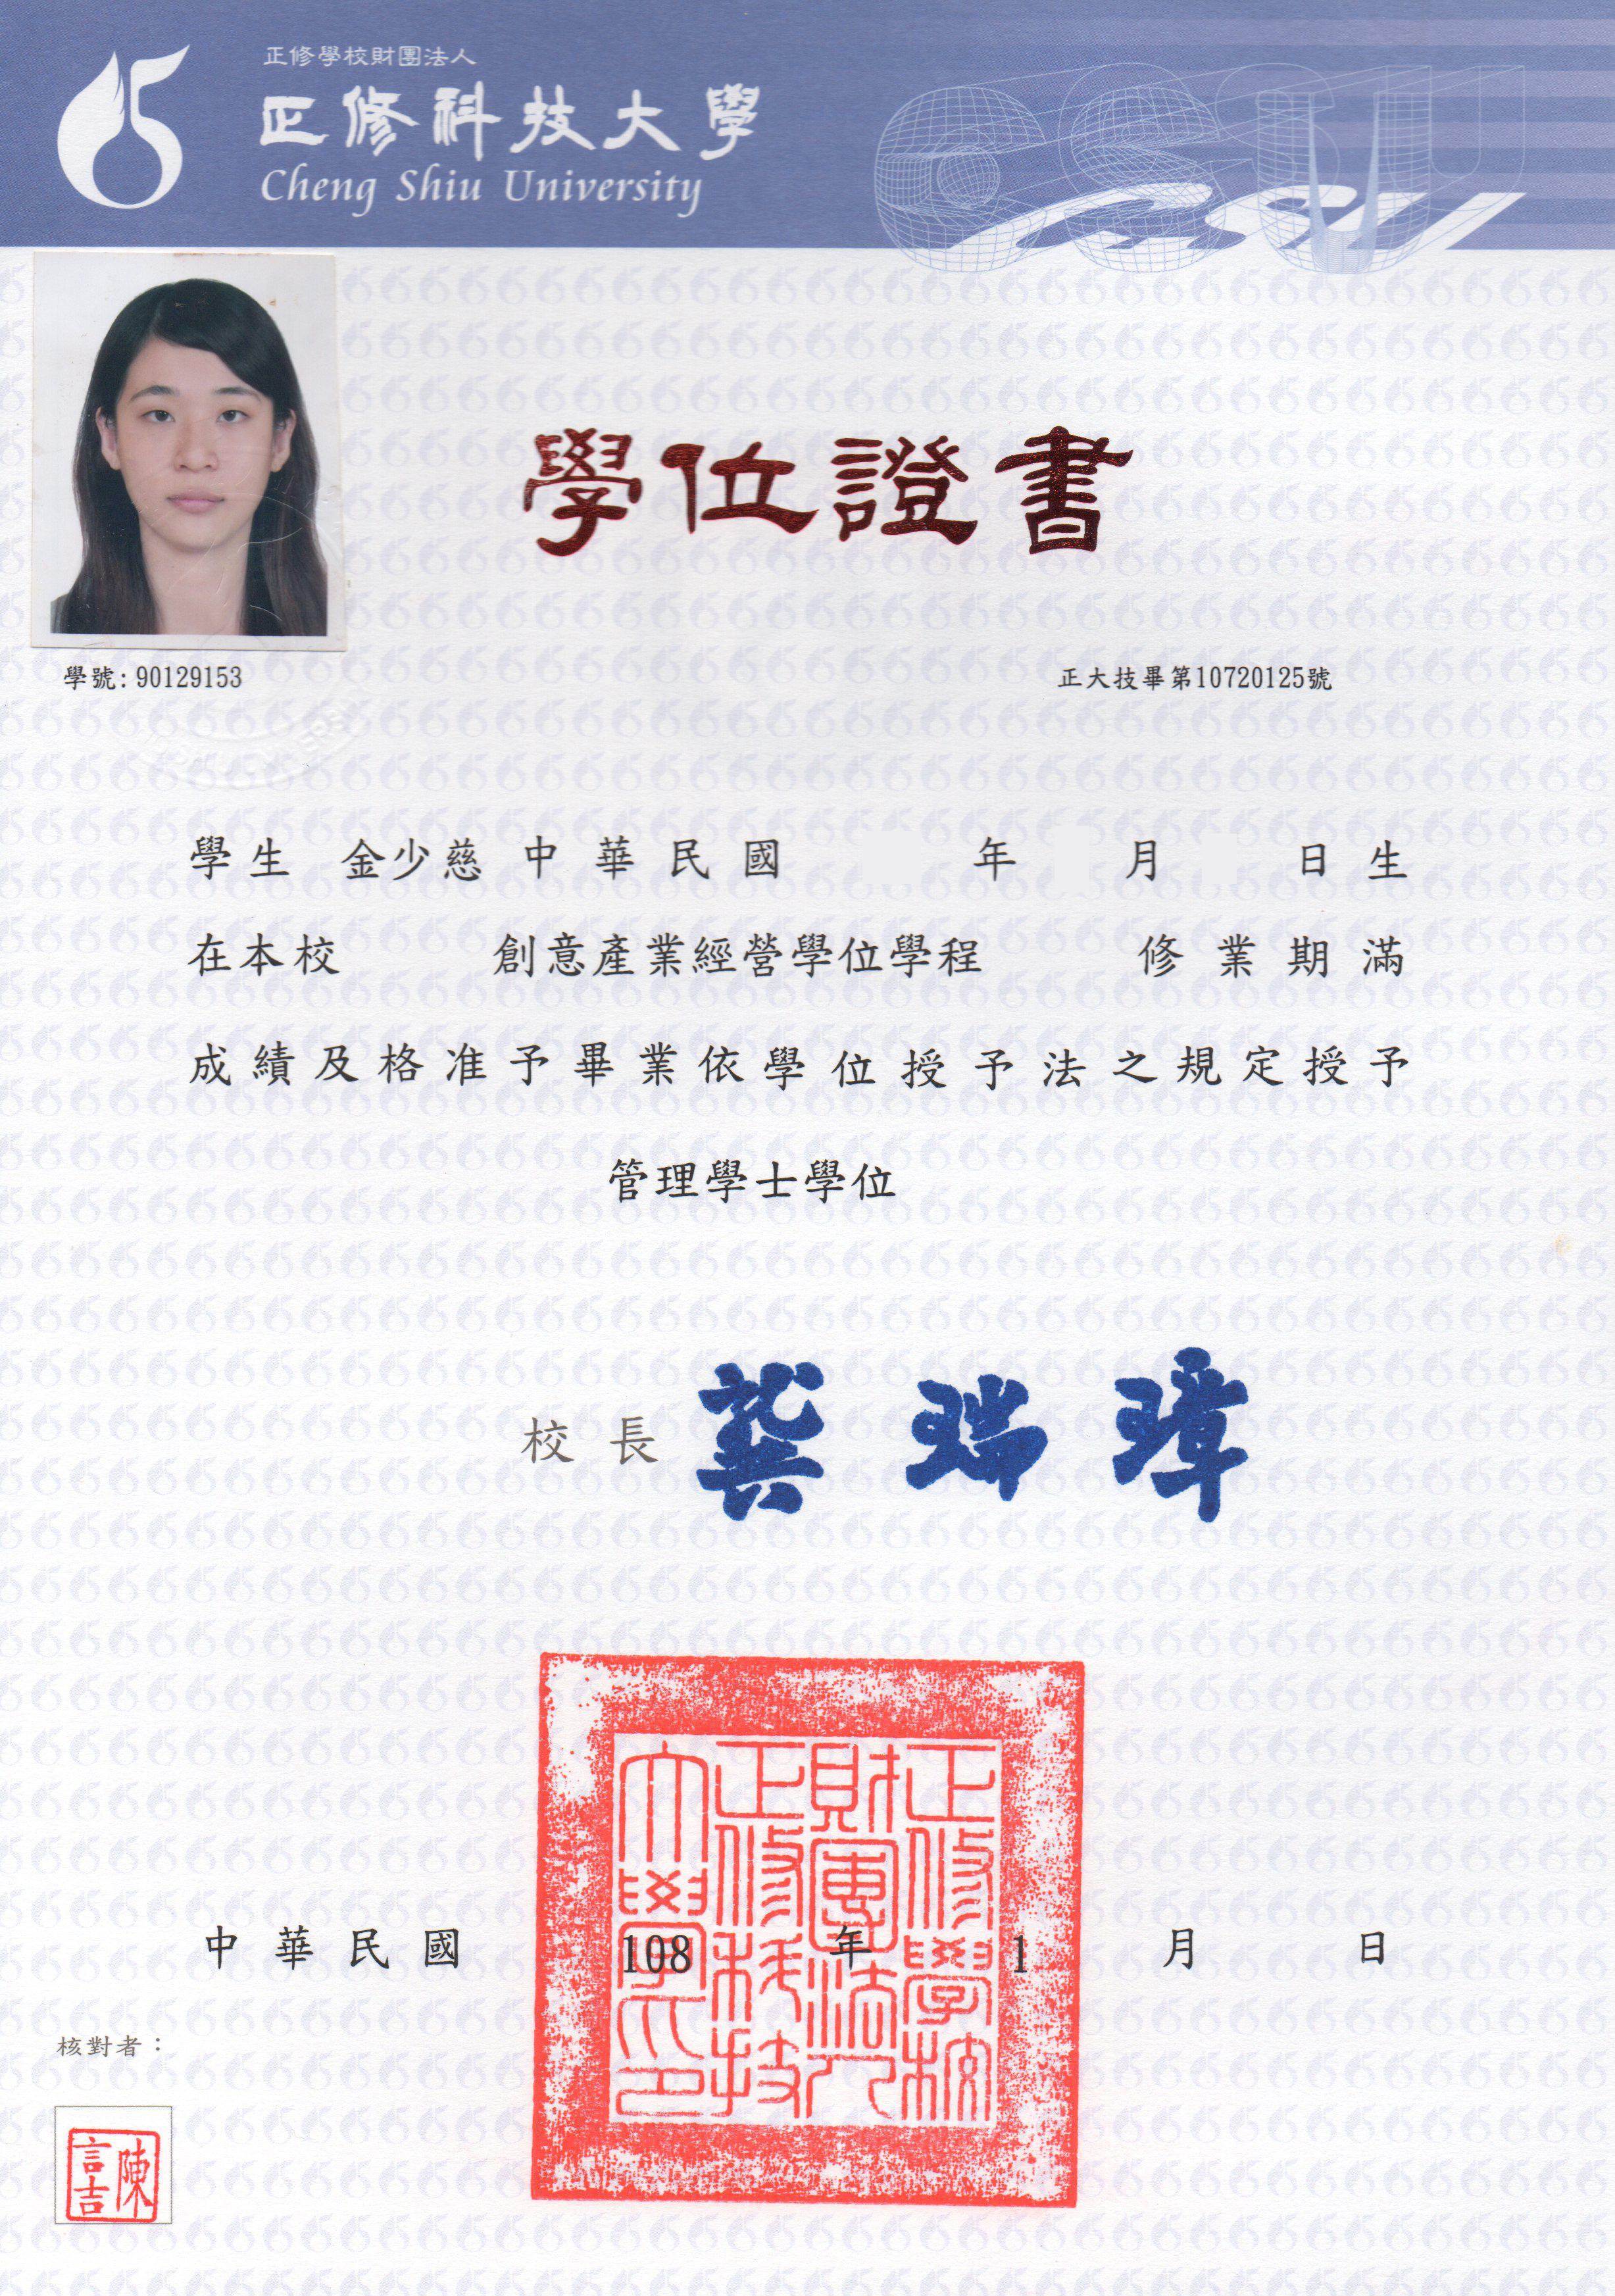 金少慈-畢業證書-網路用